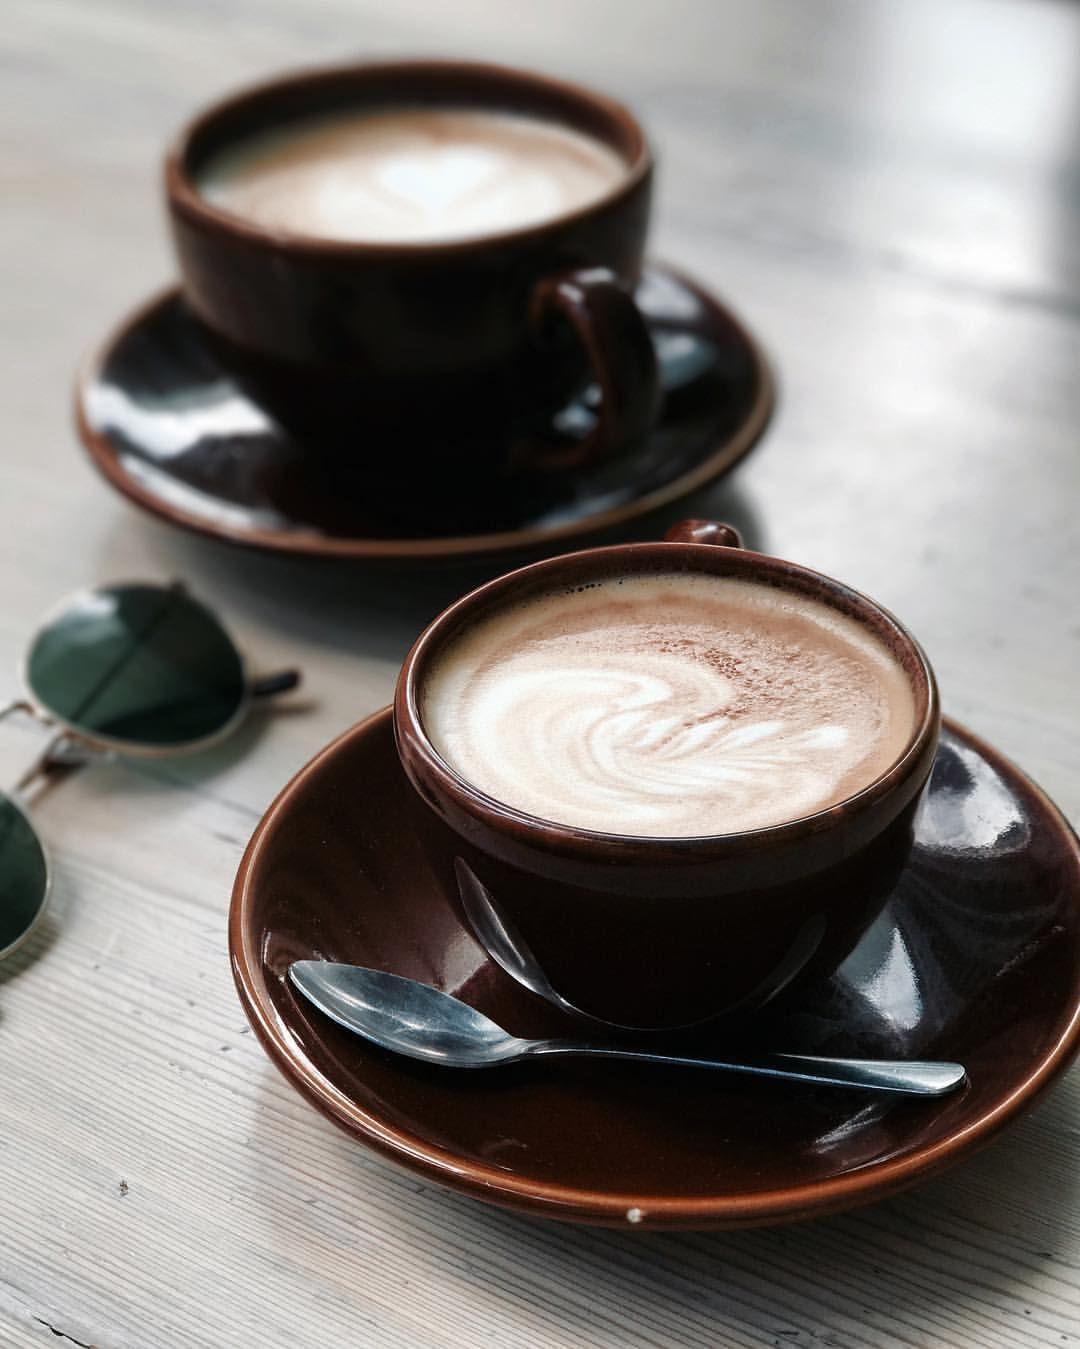 диски две чашки кофе и кофейник картинки предпочитает поедать